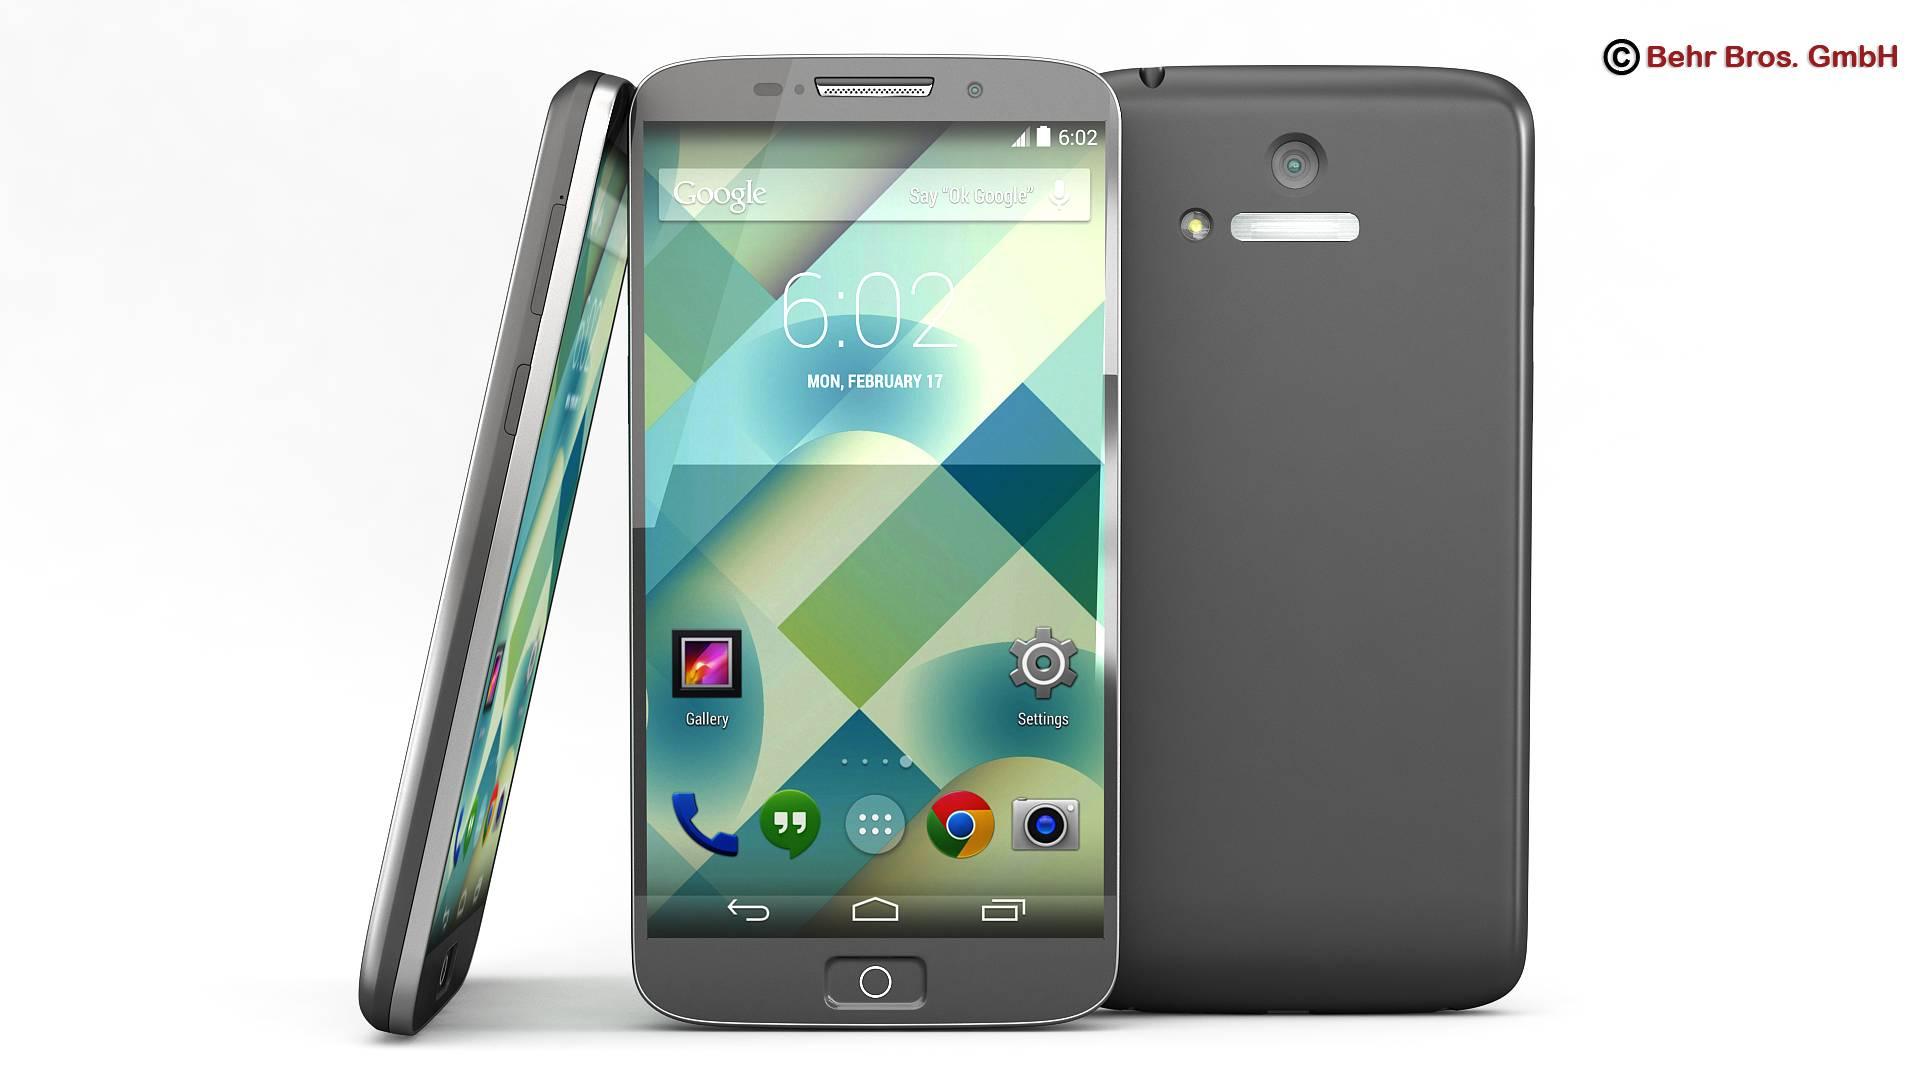 generic smartphone 5.2 cal 3d model 3ds max fbx c4d lwo ma mb obj 161646